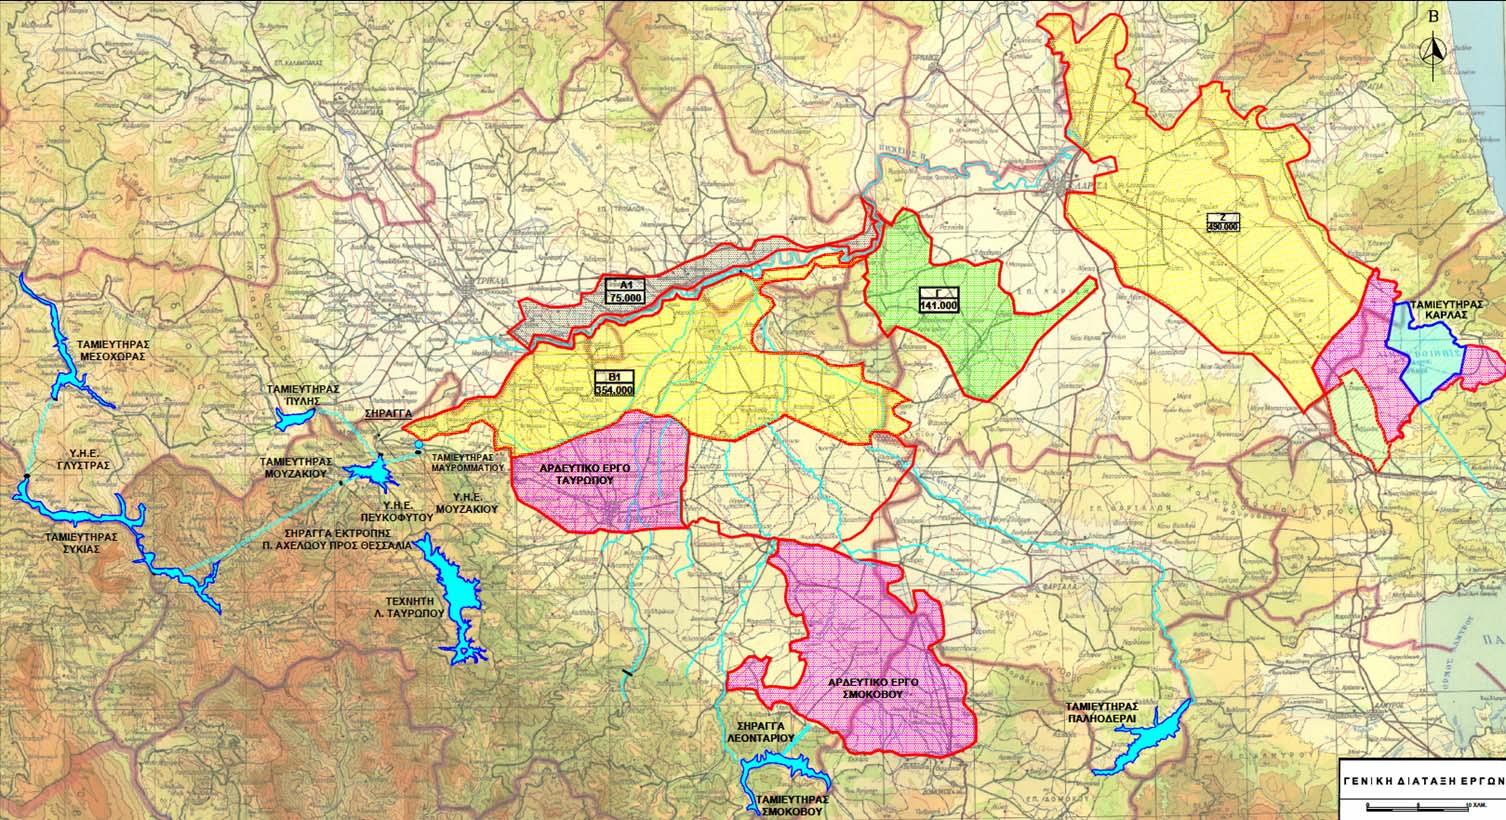 Χάρτης Λ. Λαζαρίδη - Διάταξη αρδευτικών έργων Θεσσαλίας